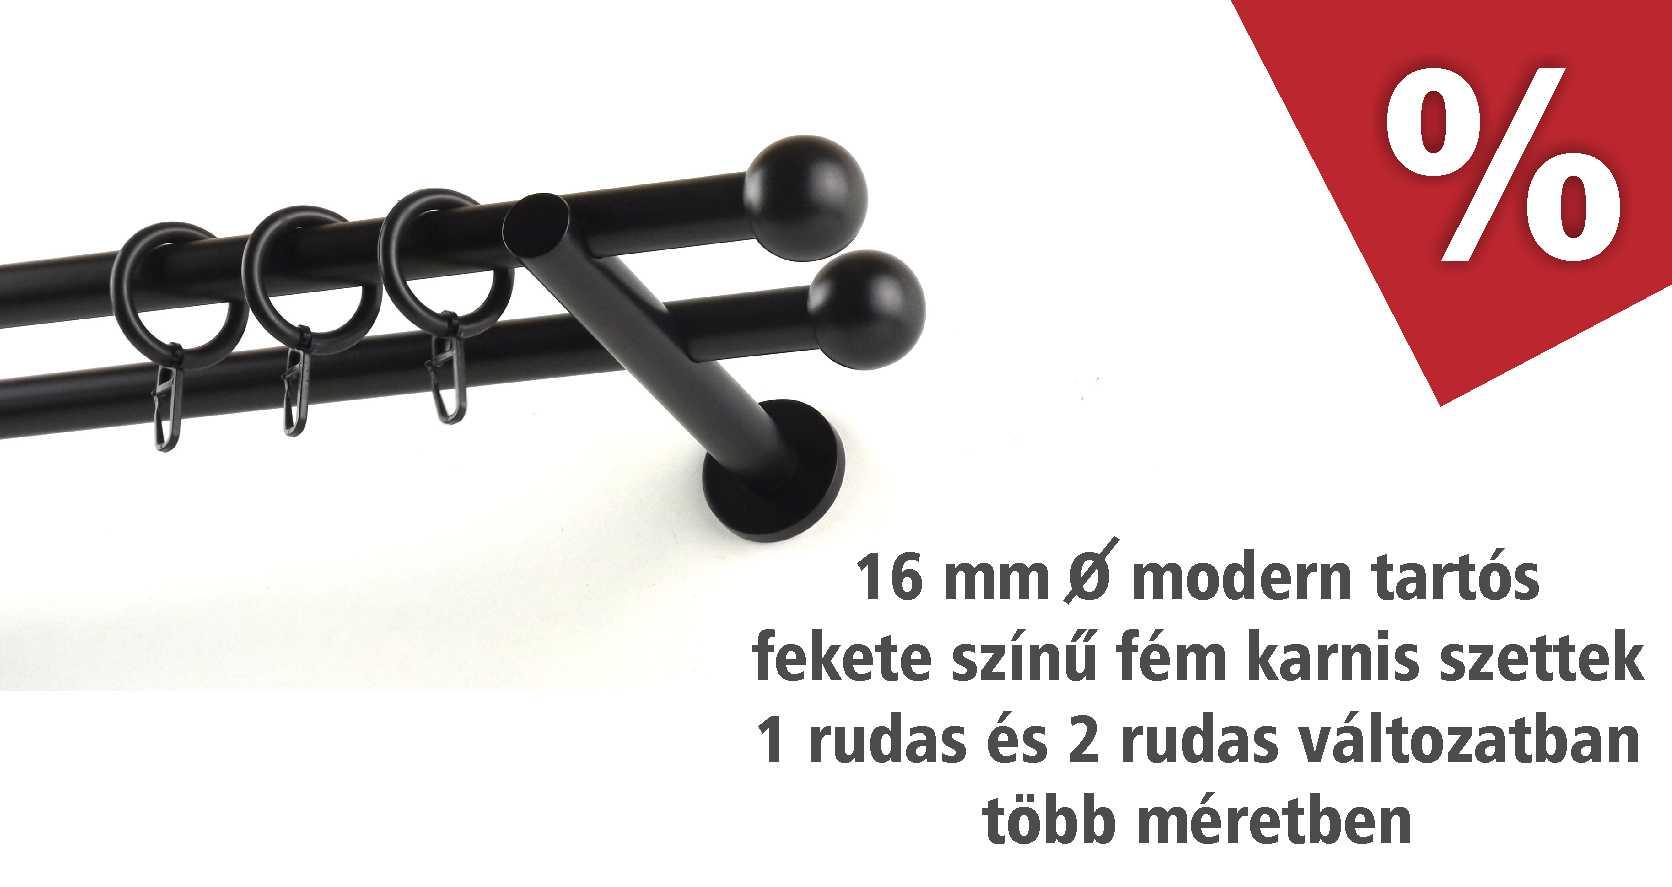 Modern tartós fekete színű fém karnis szettek akciós áron novemberben - www.karnisstudio.hu